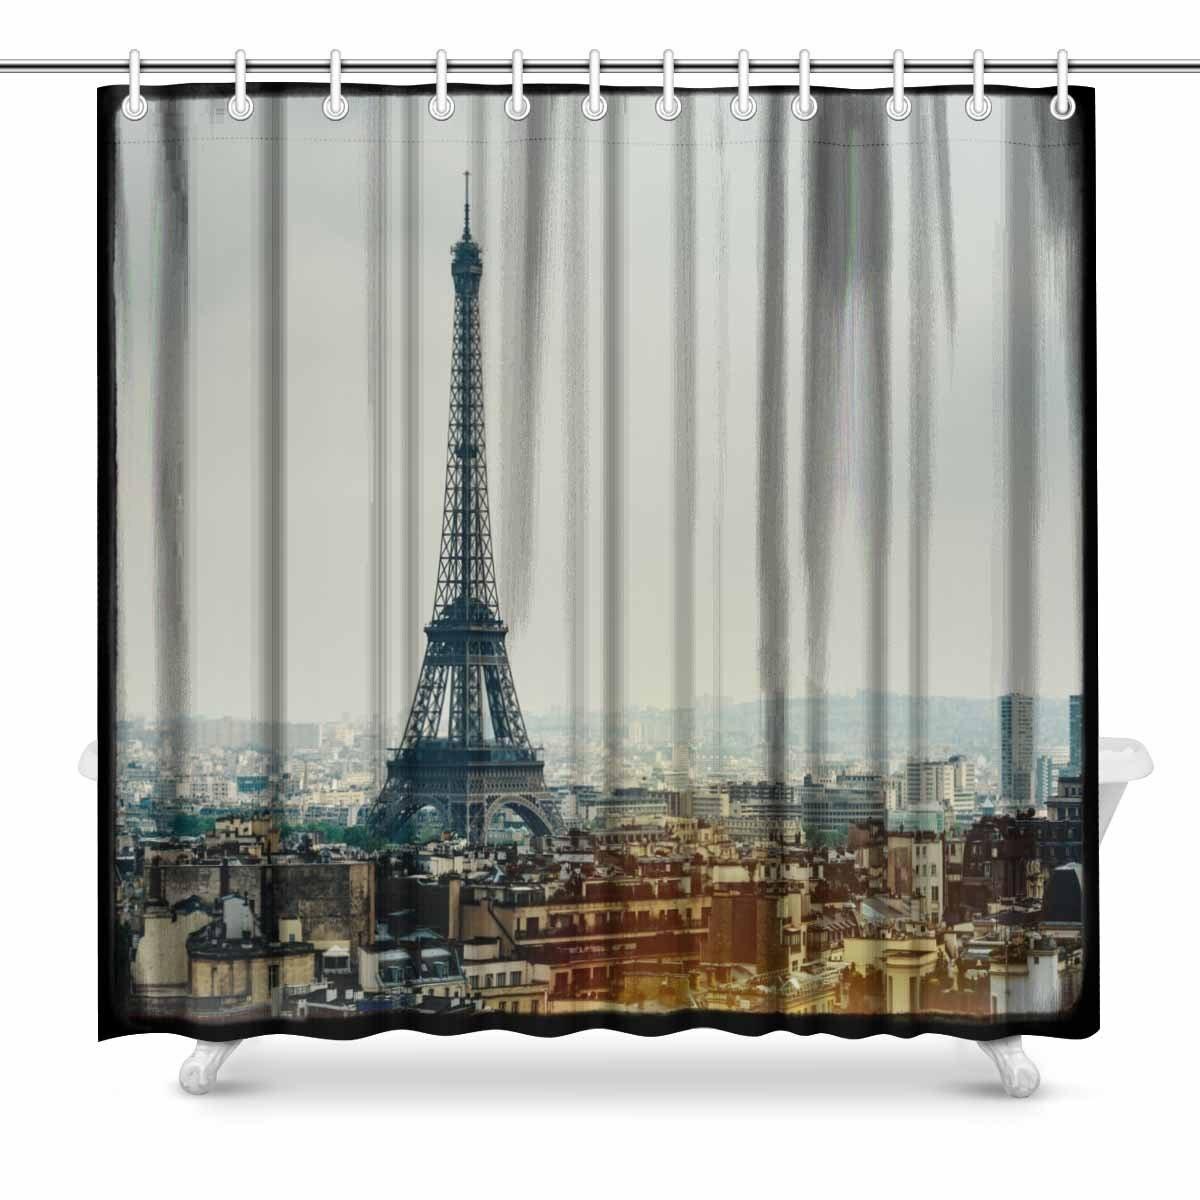 Aplysia De Eiffeltoren In Parijs Frankrijk Vintage Look Met Film Grain Darkroom Stijl Frame En Licht Lek Douchegordijnen Verlichten Van Warmte En Dorst.